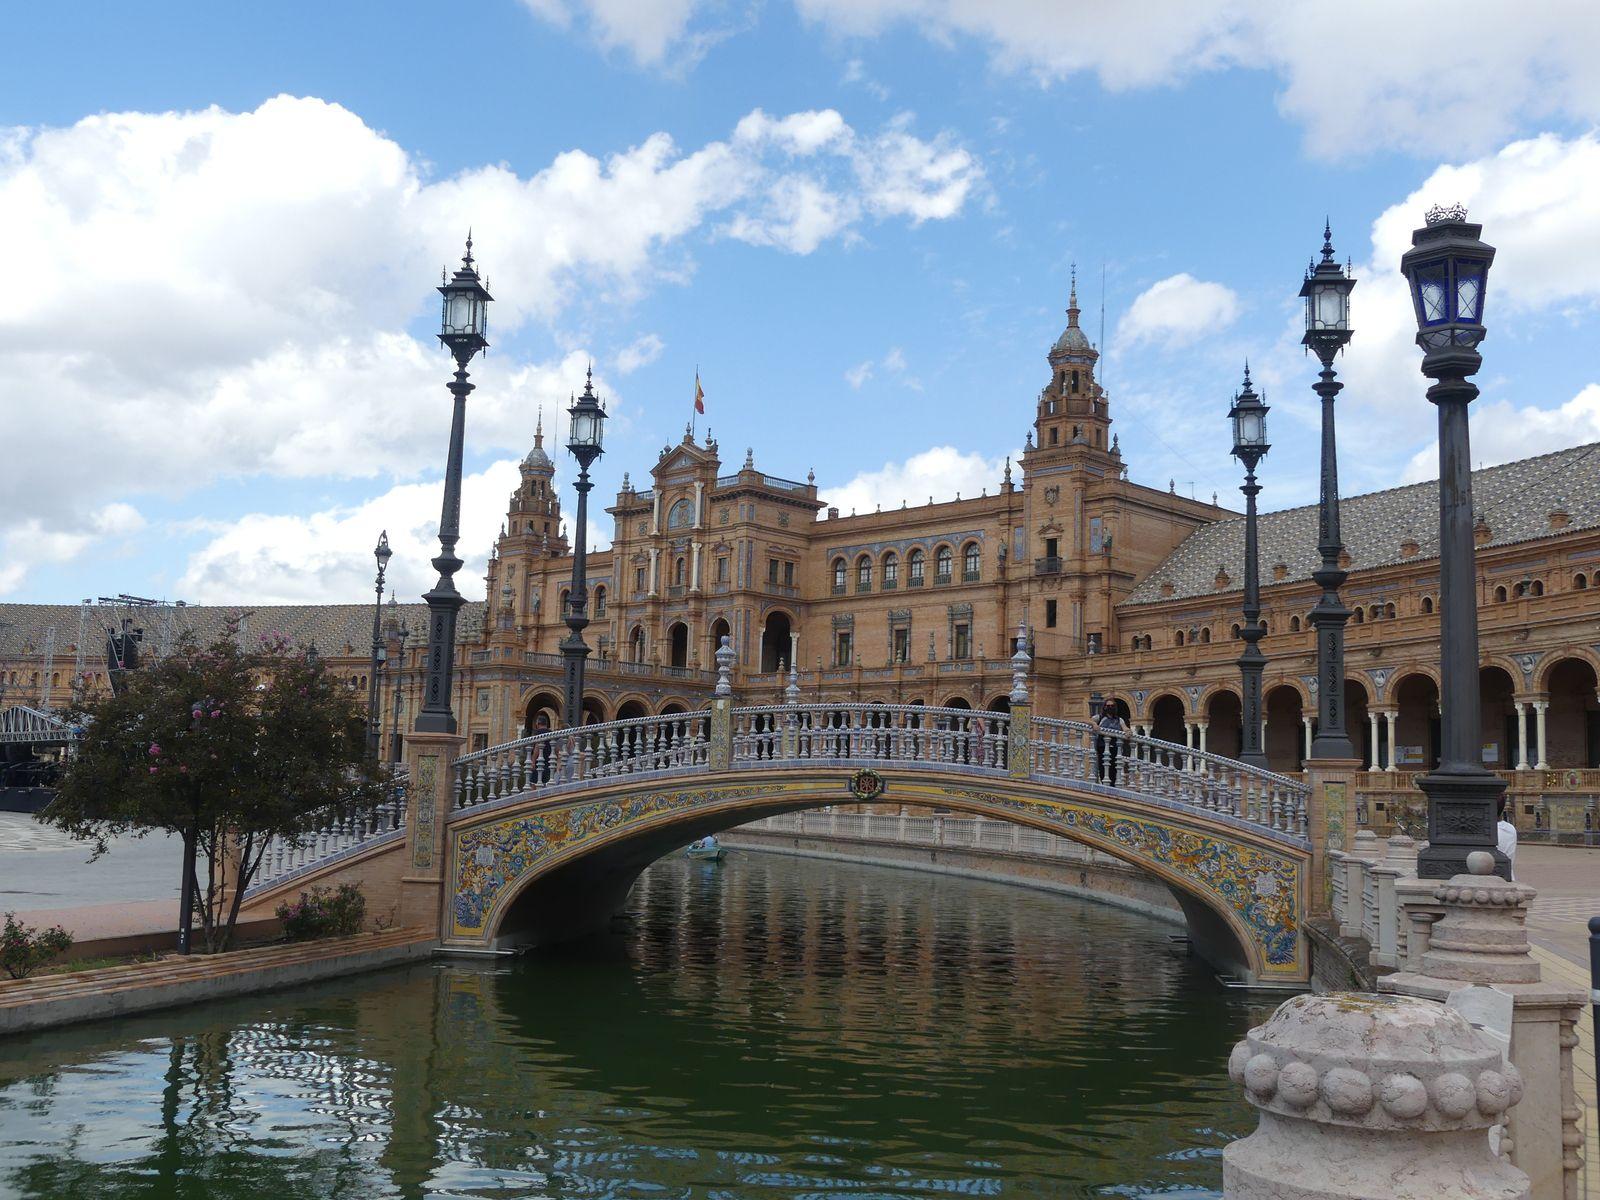 La place de l'Espagne. Construite pour l'exposition américaine de 1929. C'est vraiment magnifique avec des petits ponts comme à Venise et plein plein de colonnes.